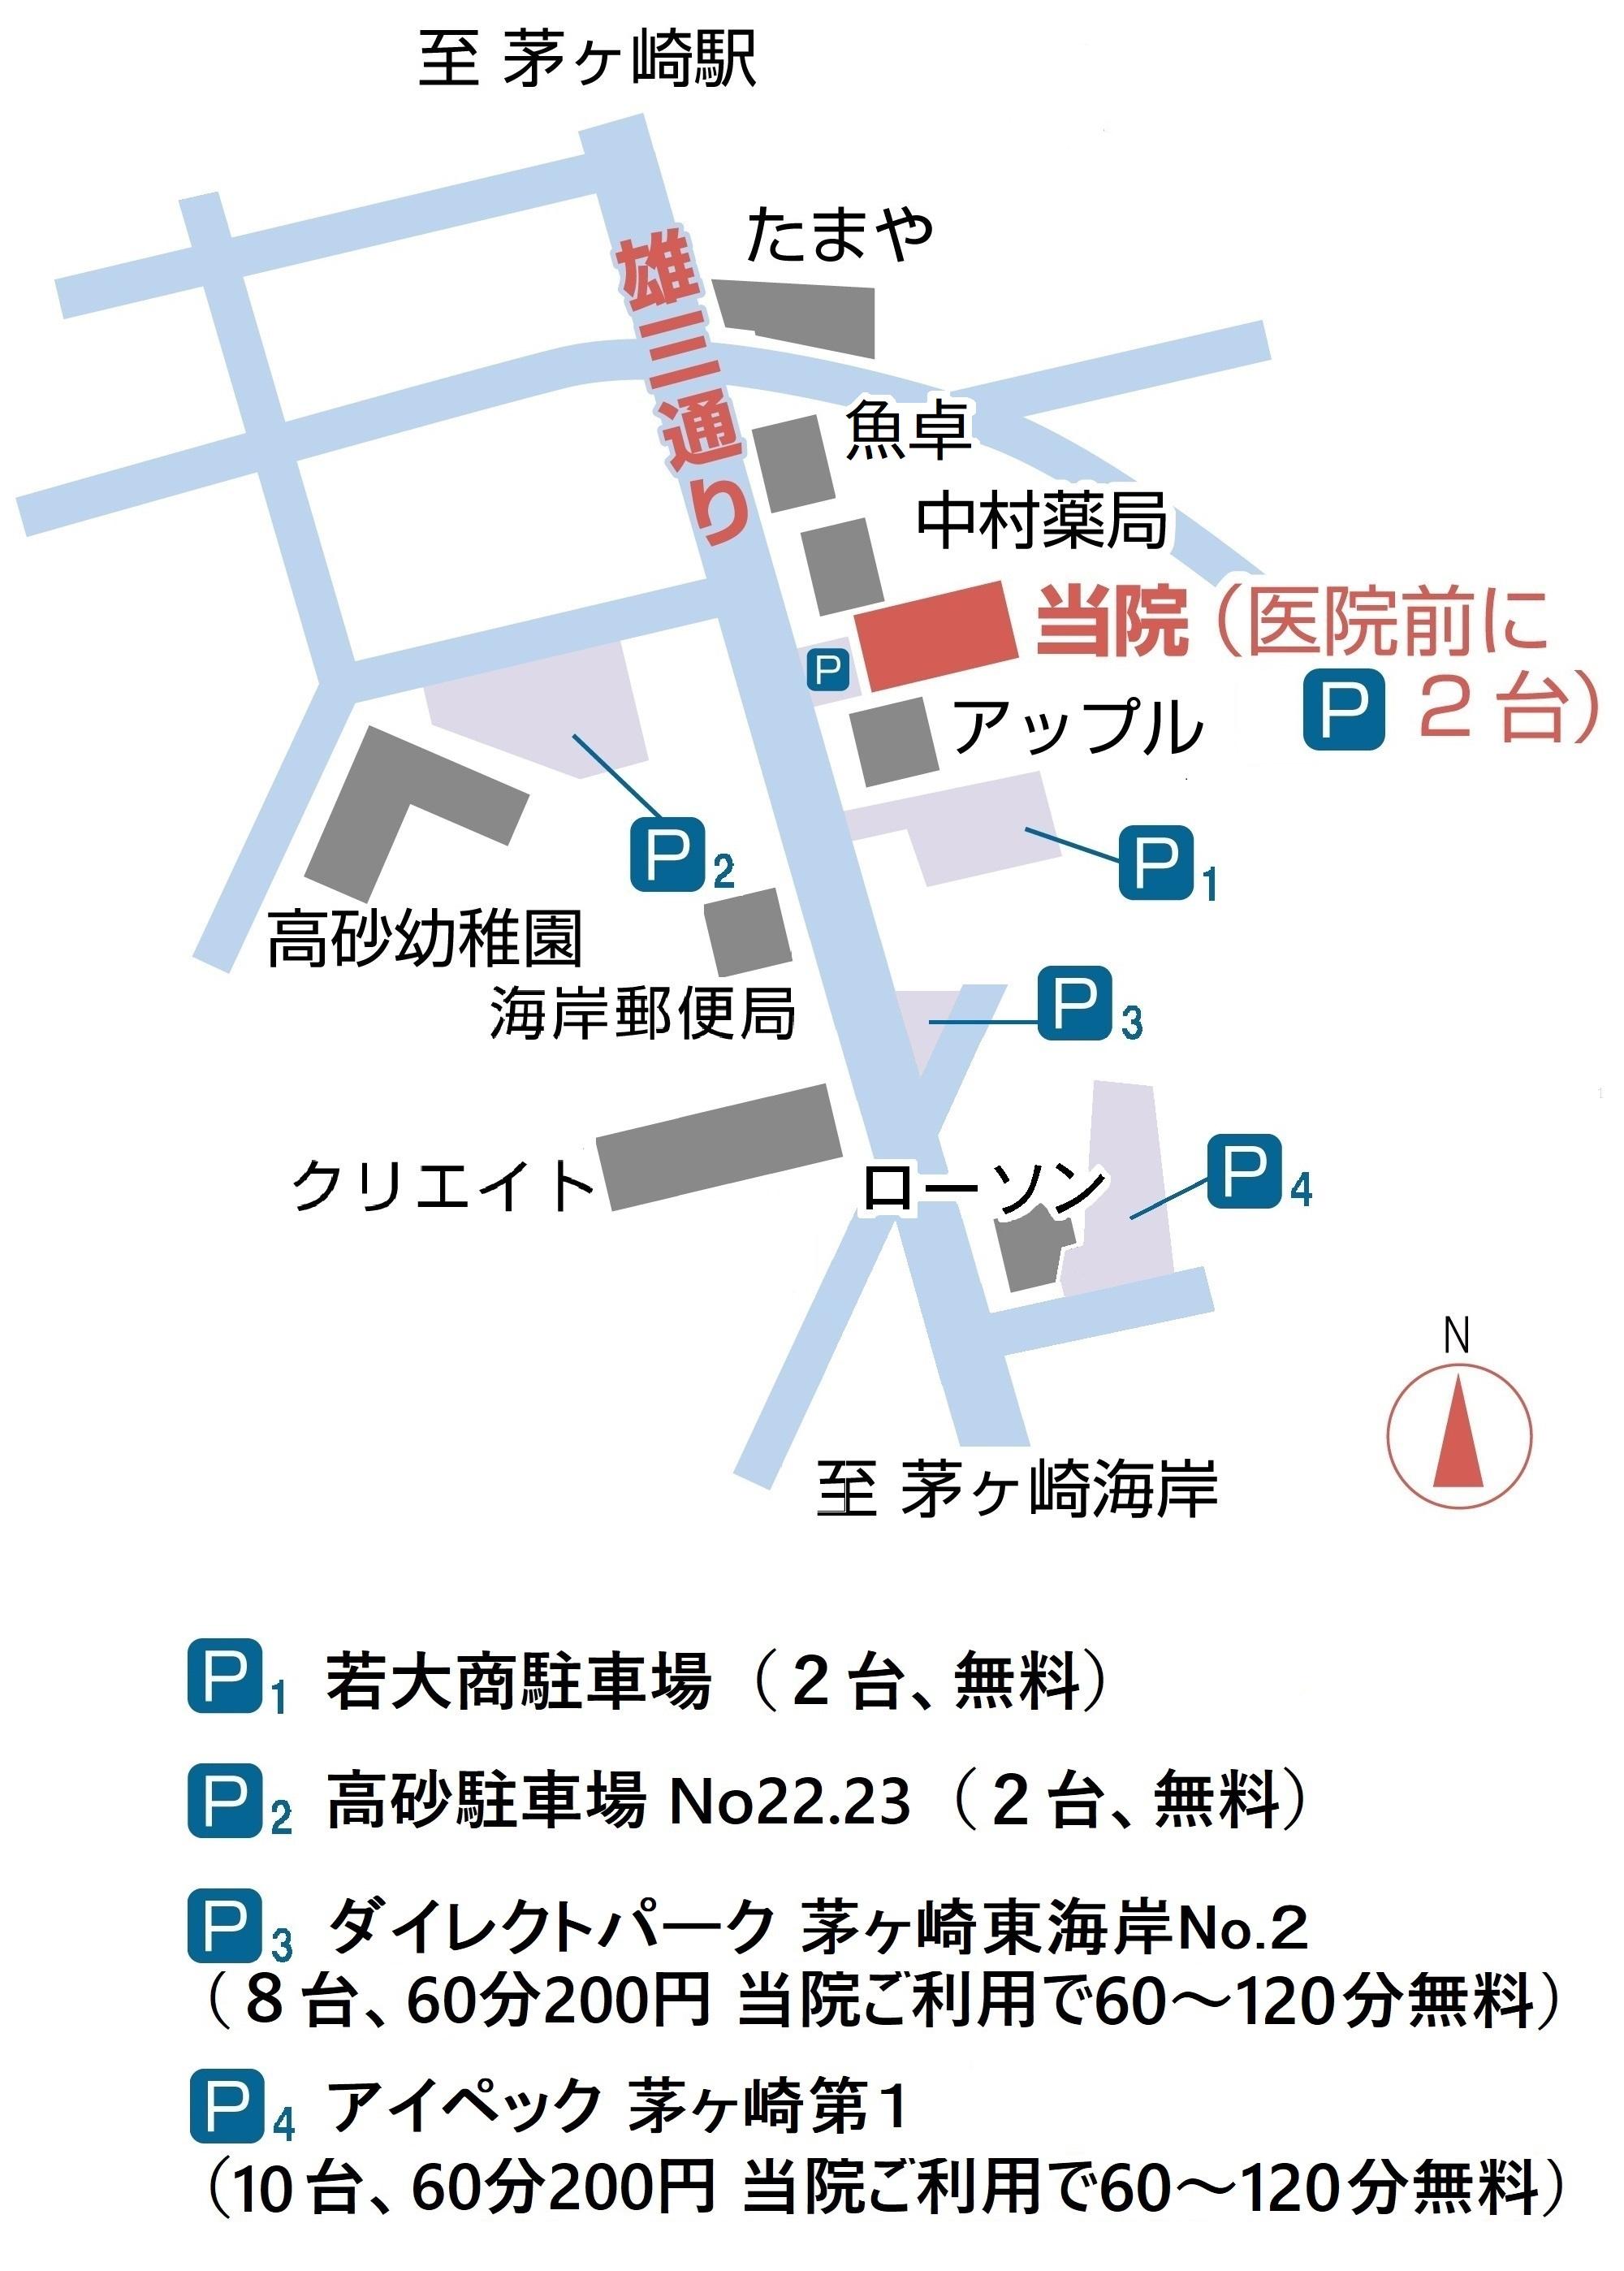 茅ヶ崎駅南口より徒歩3分